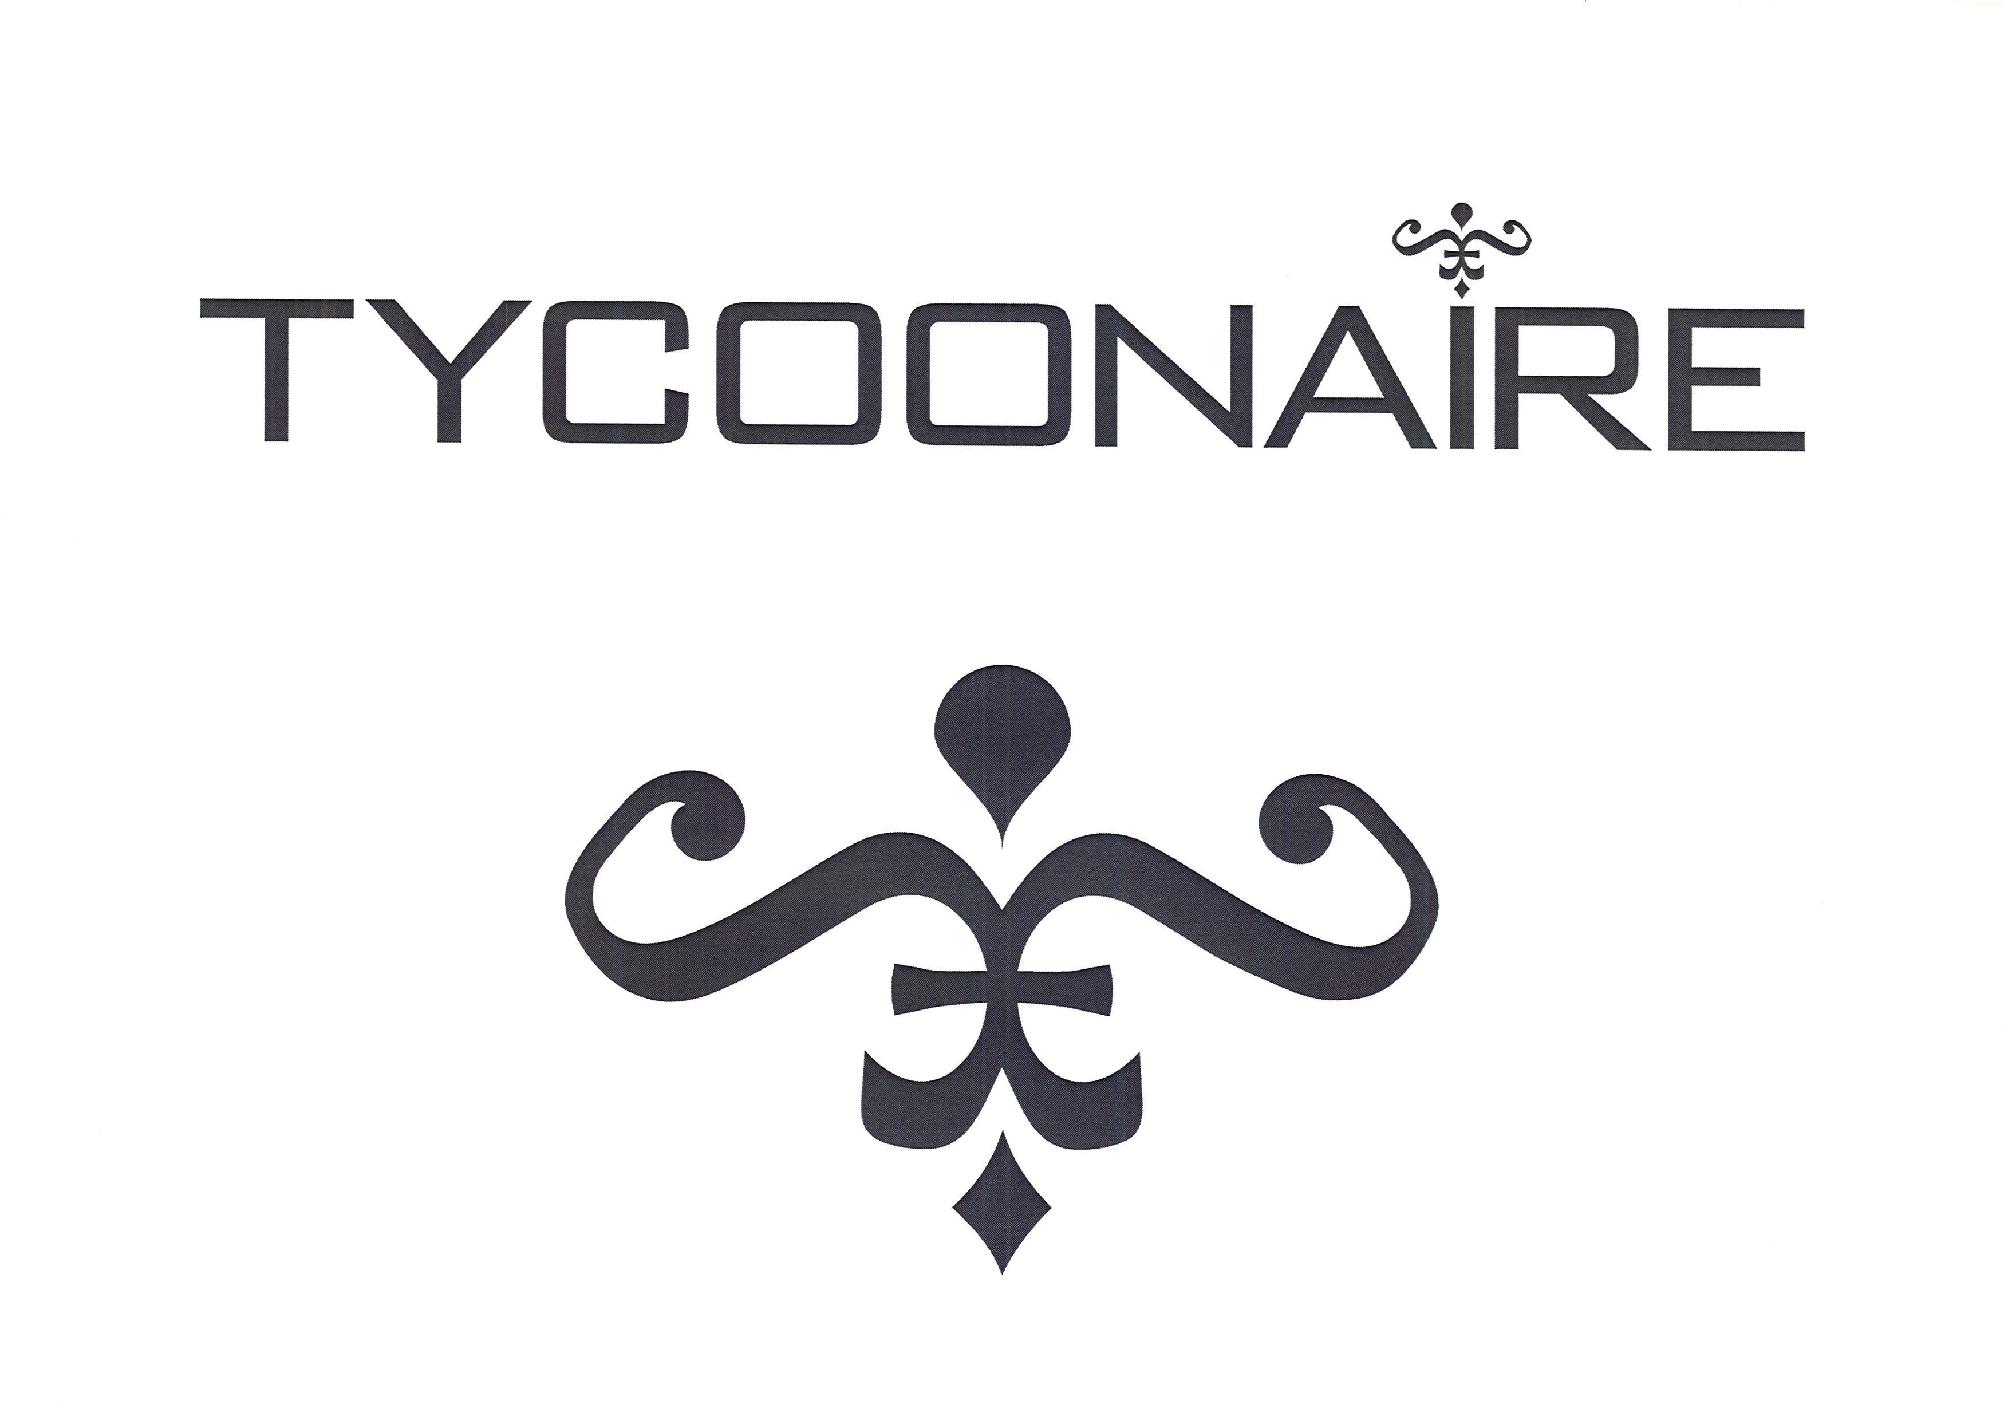 TYCOONAIRE